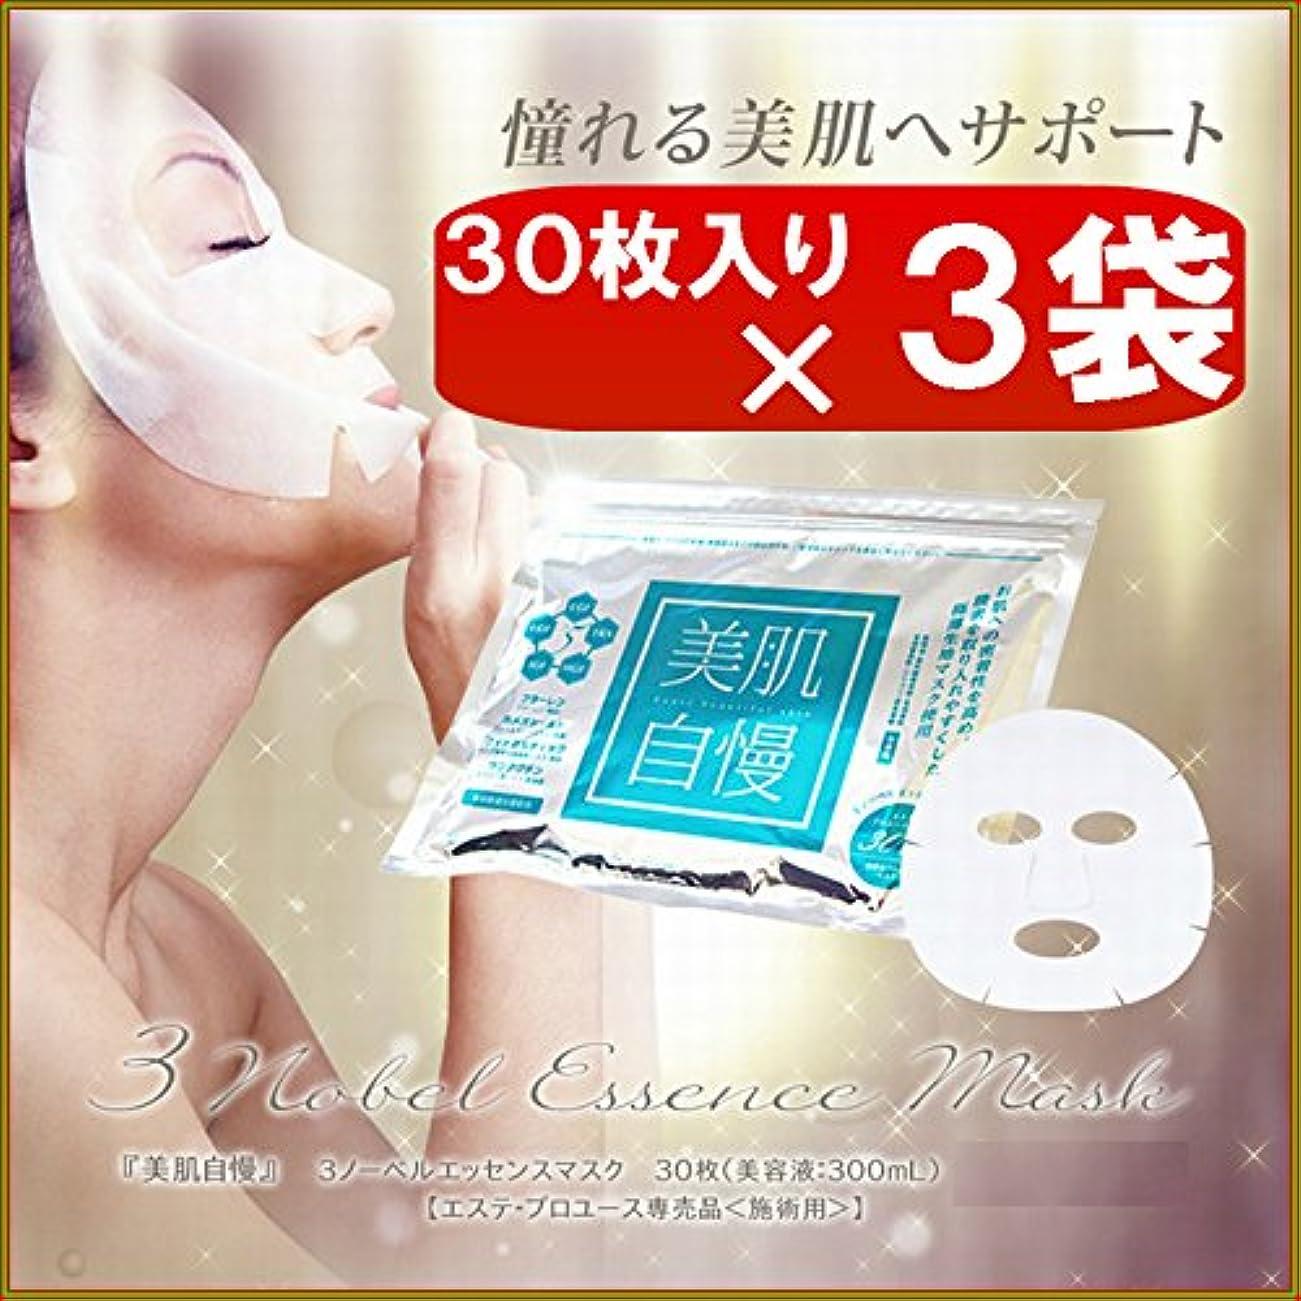 取り戻す優雅リム美肌自慢フェイスマスク 30枚入り ×お得3袋セット 《エッセンスマスク、EGF、IGF、ヒアルロン酸、プラセンタ、アルブチン、カタツムリエキス、しみ、しわ》